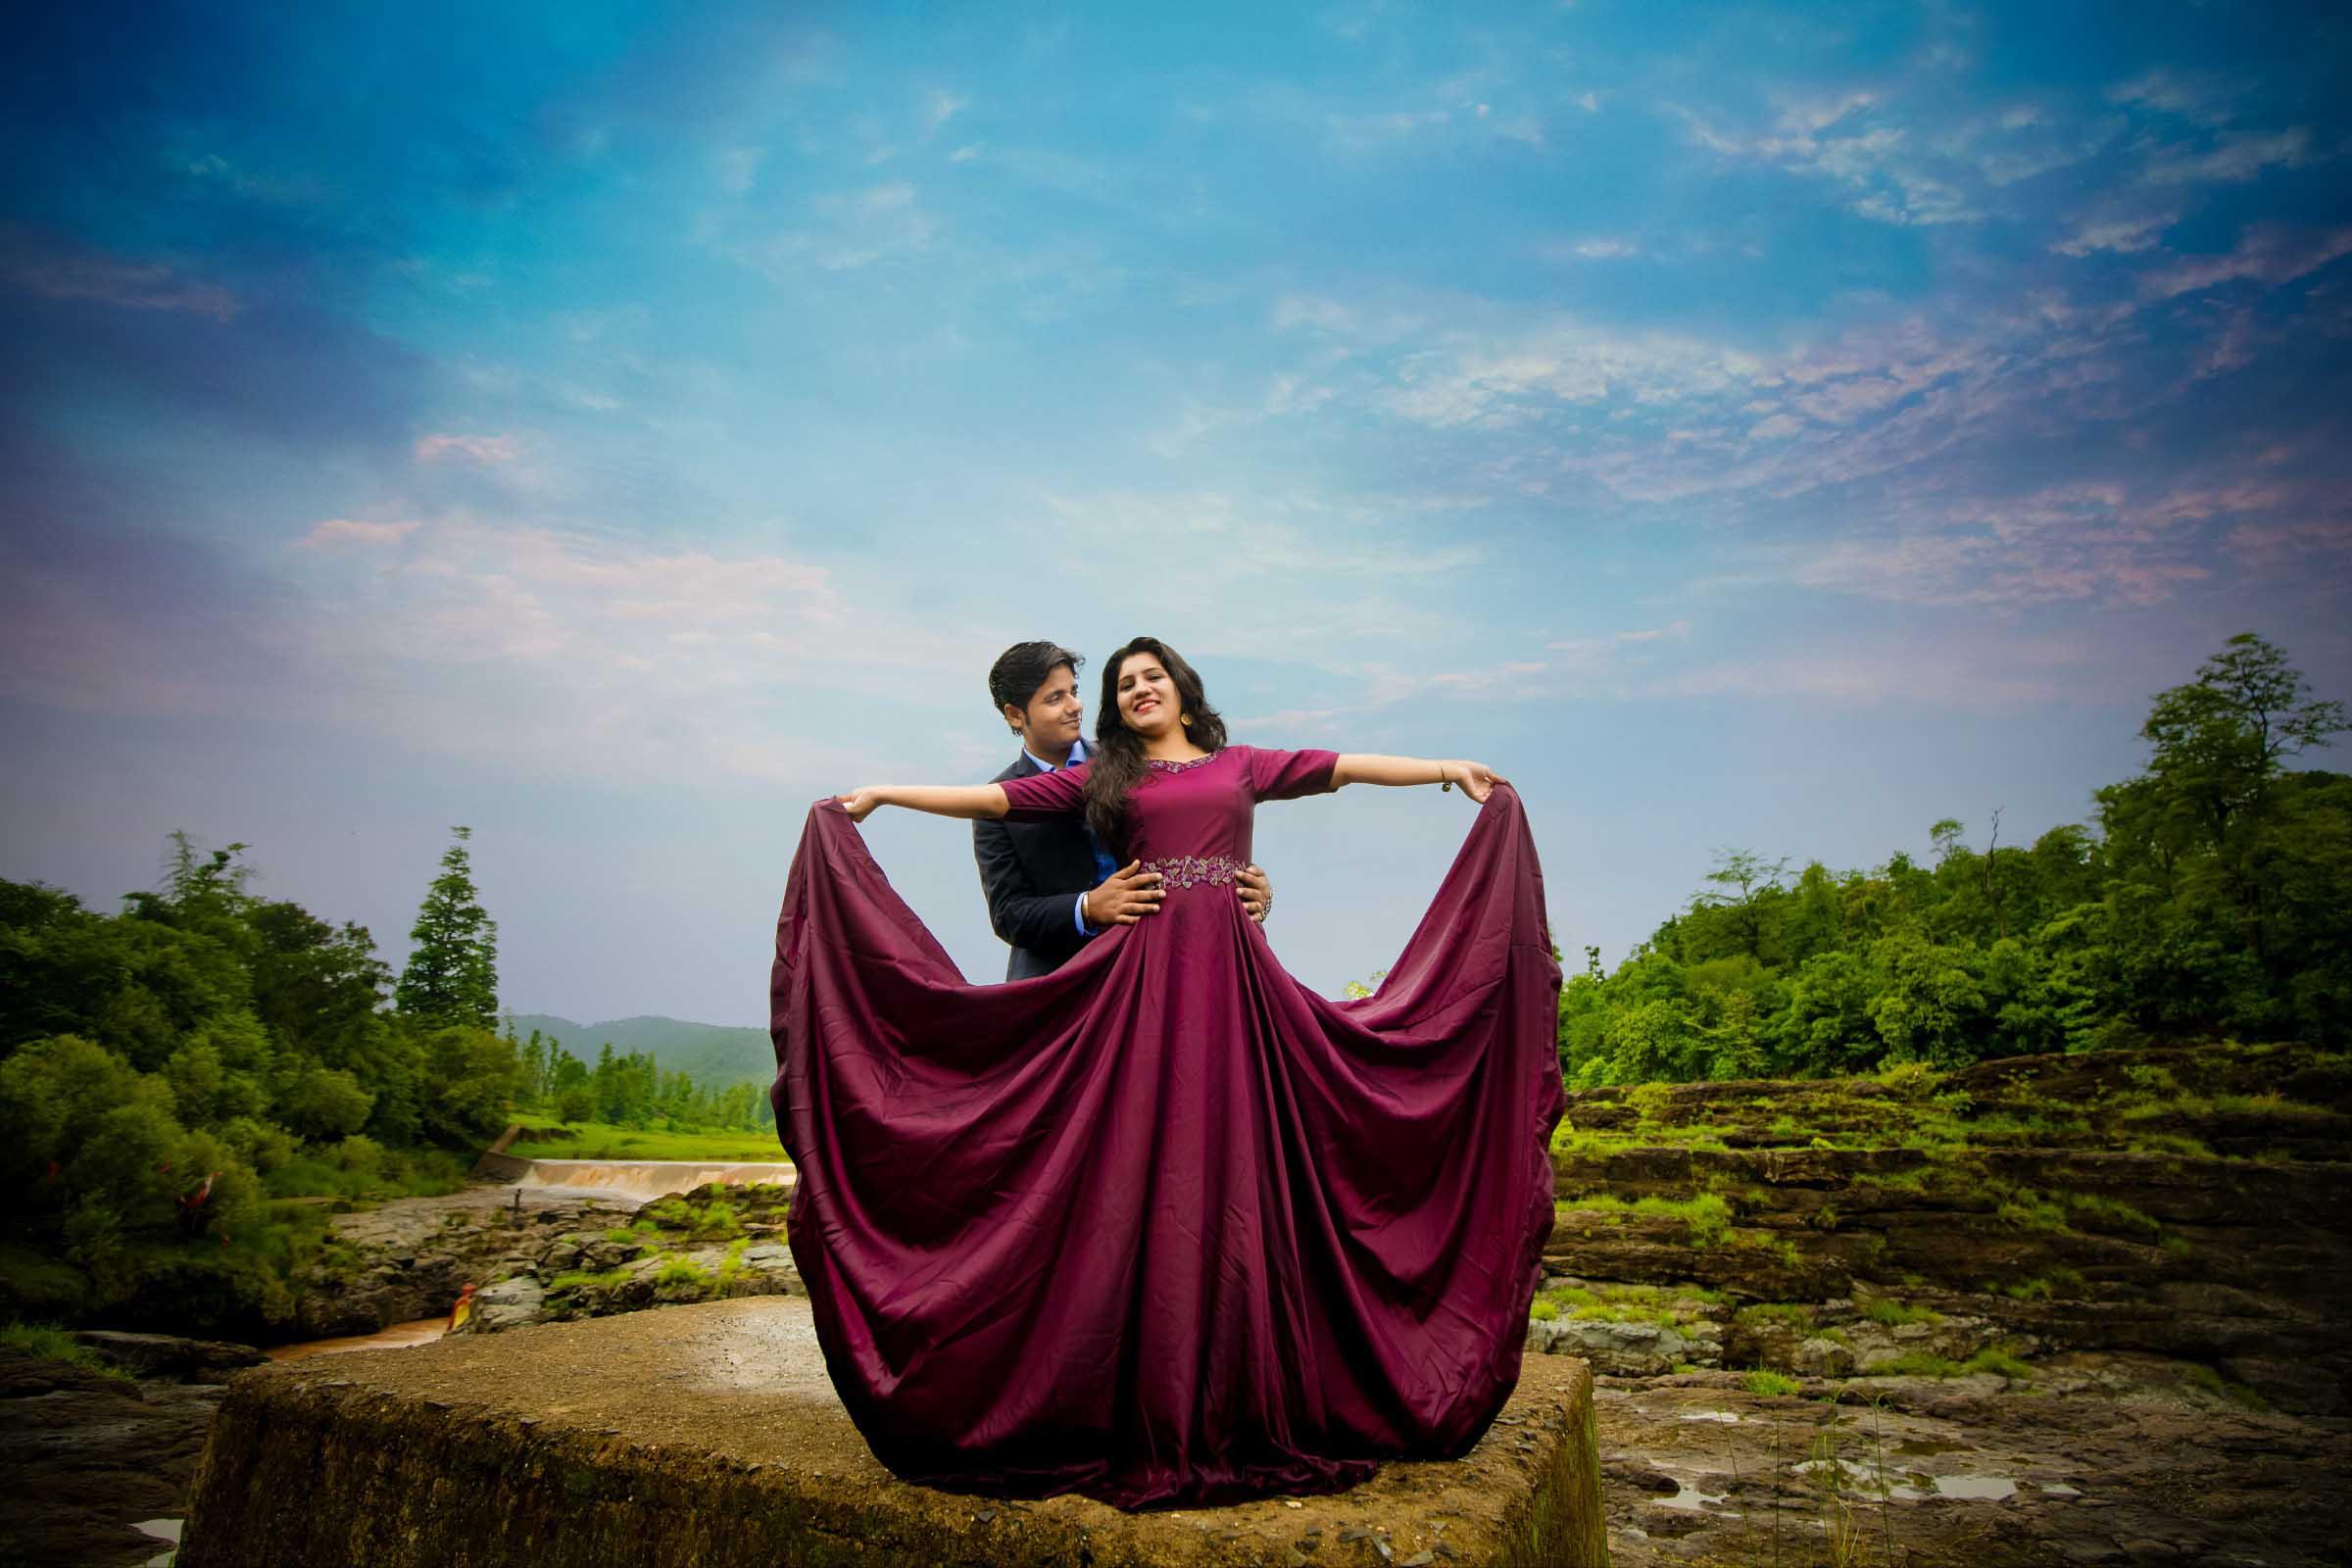 Shweta & Rajat Pre-Wedding Shoot